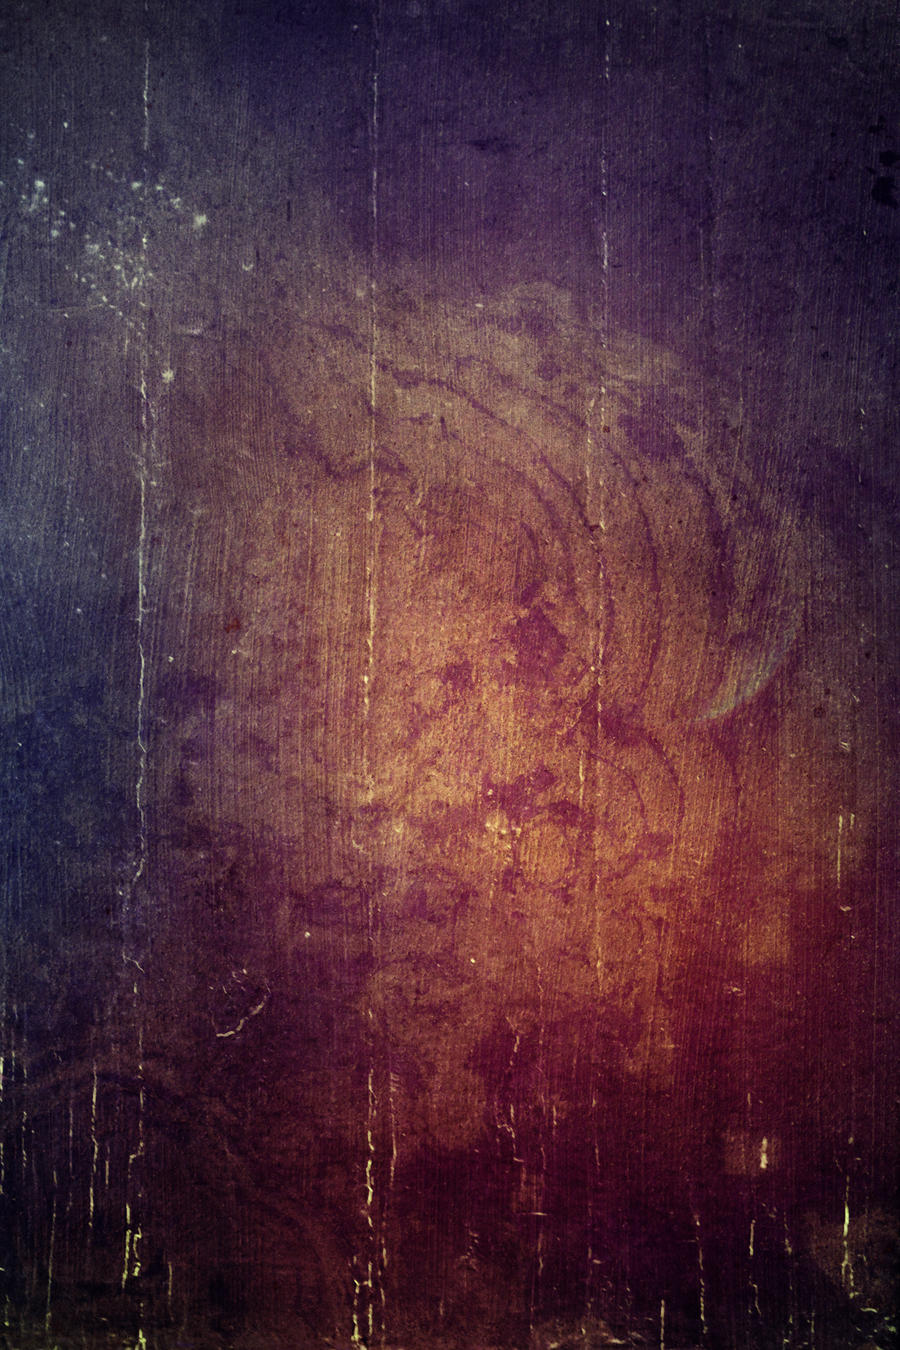 Texture 459 by Sirius-sdz